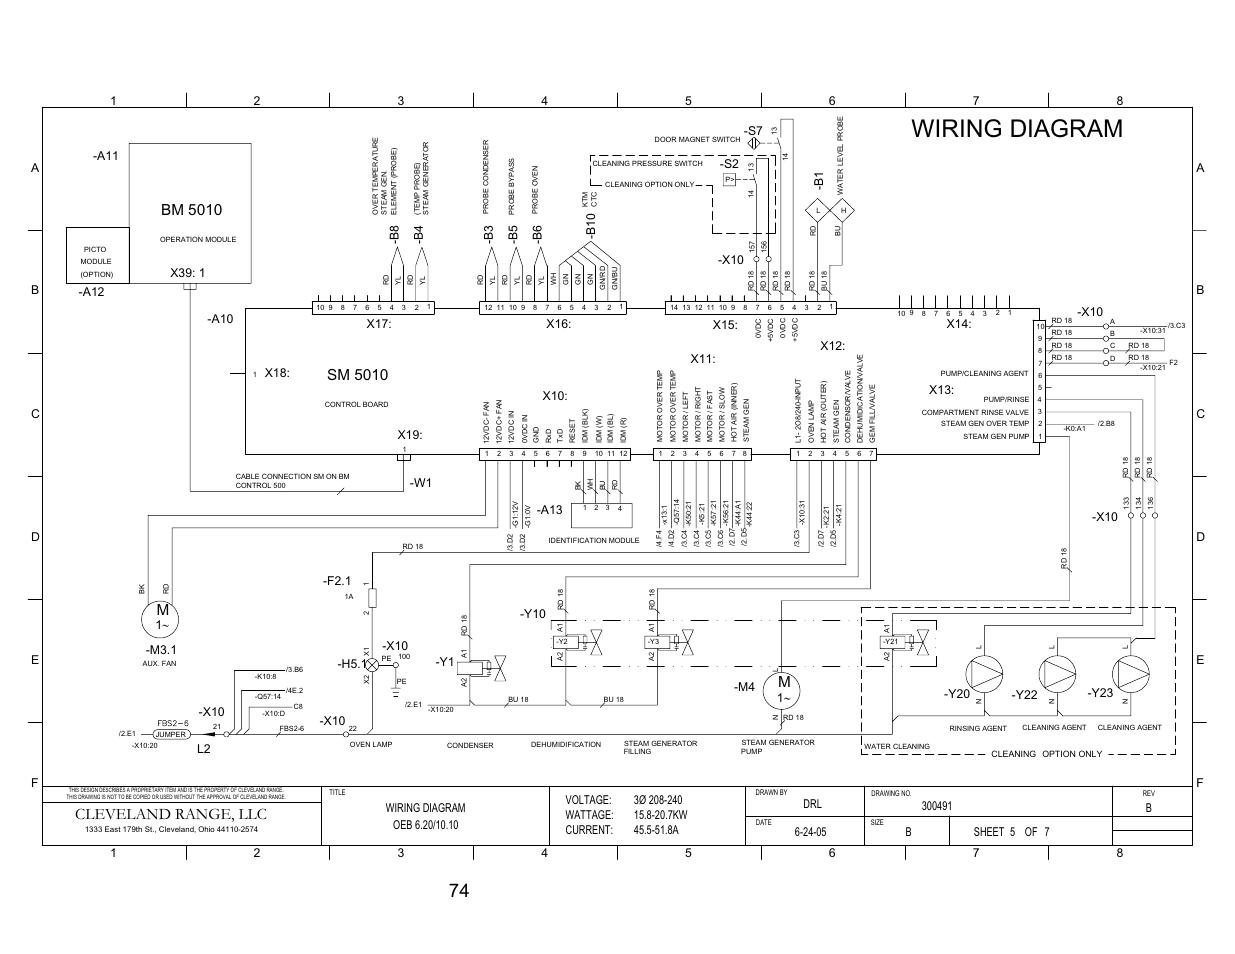 Hondacar Wiring Diagram Page 21